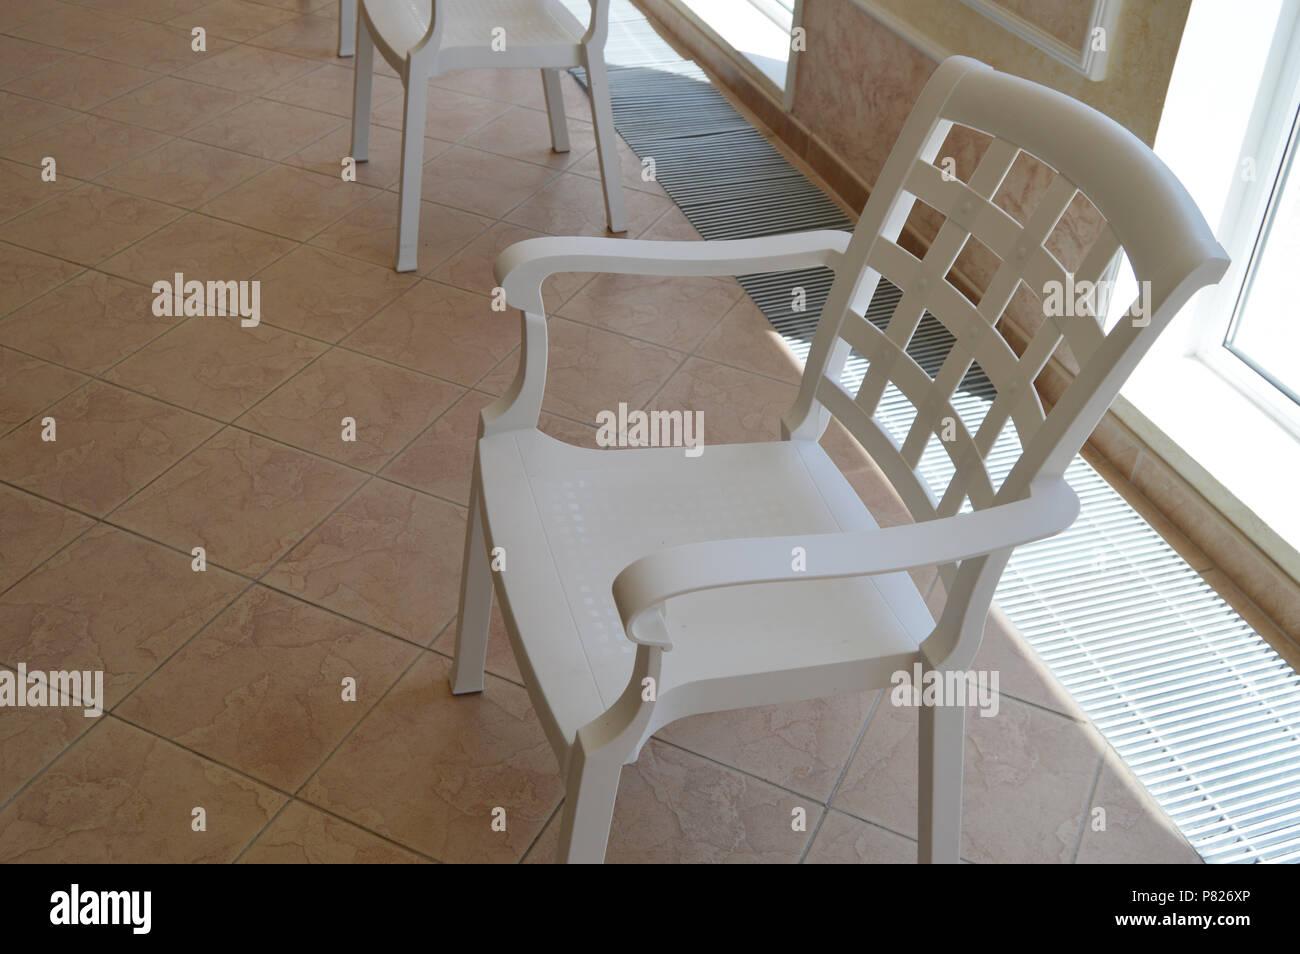 La Chaise Longue Billard chaise en plastique blanc se trouve dans la salle de billard